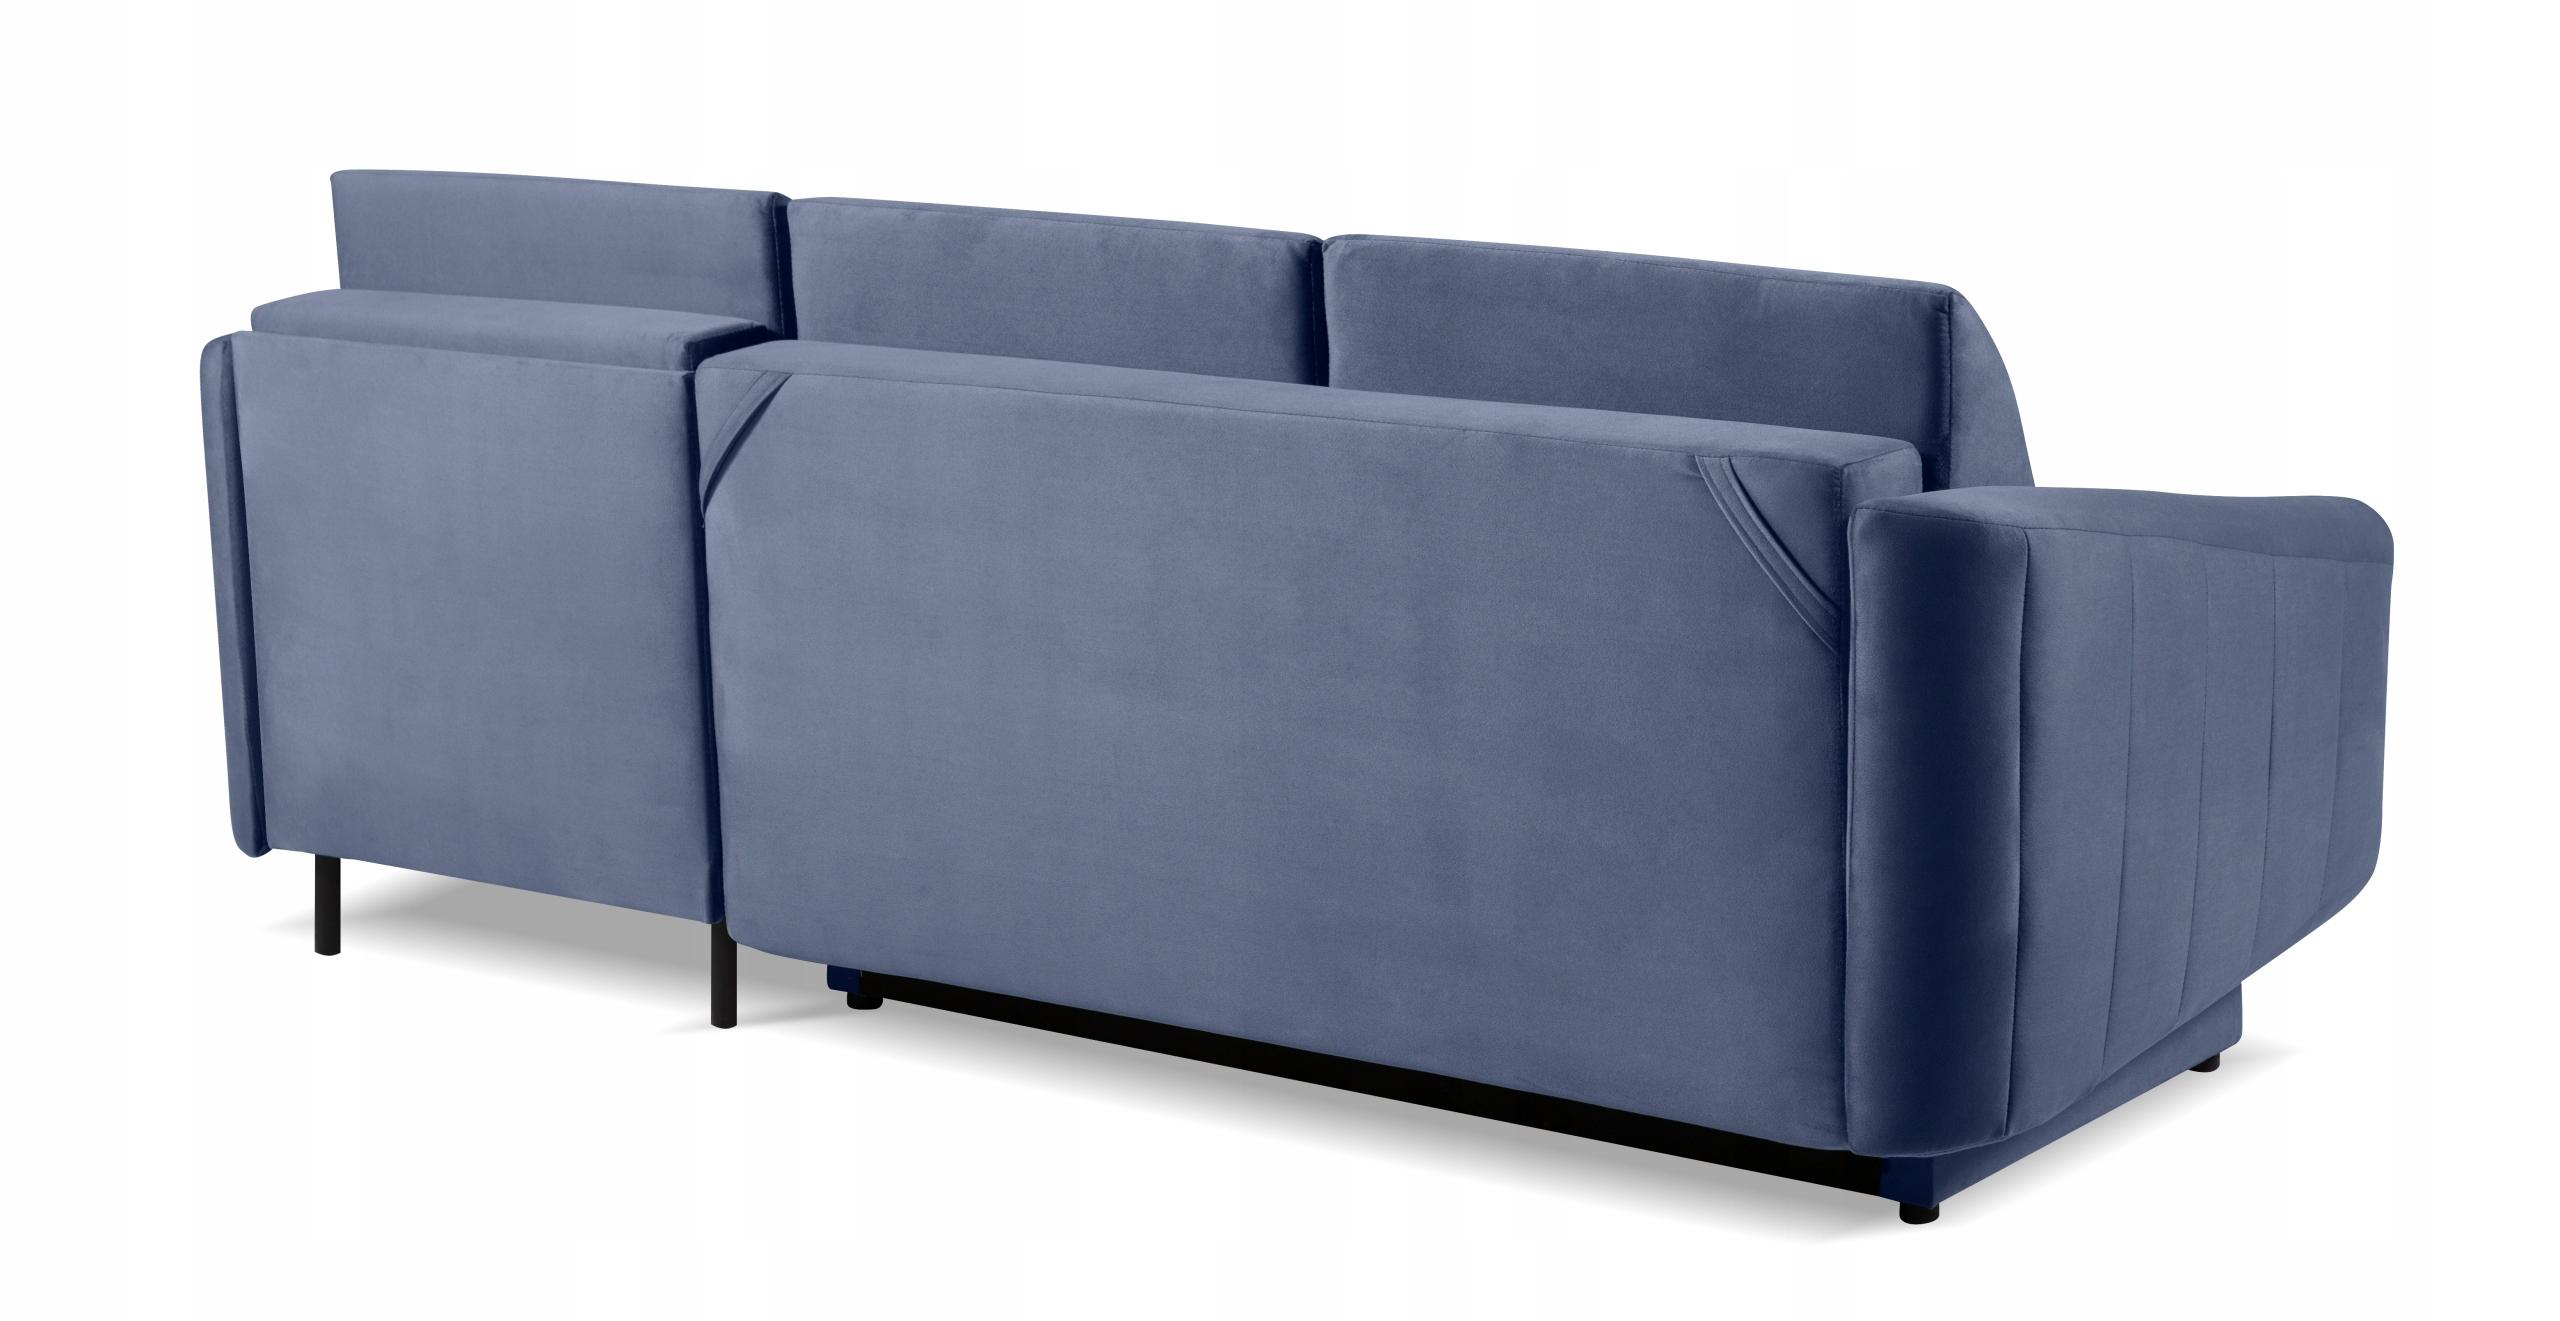 RINGO NEU komfortable Zimmerecke Wohnzimmerfarbe Schlafbereich - Breite (cm) 131-140 cm